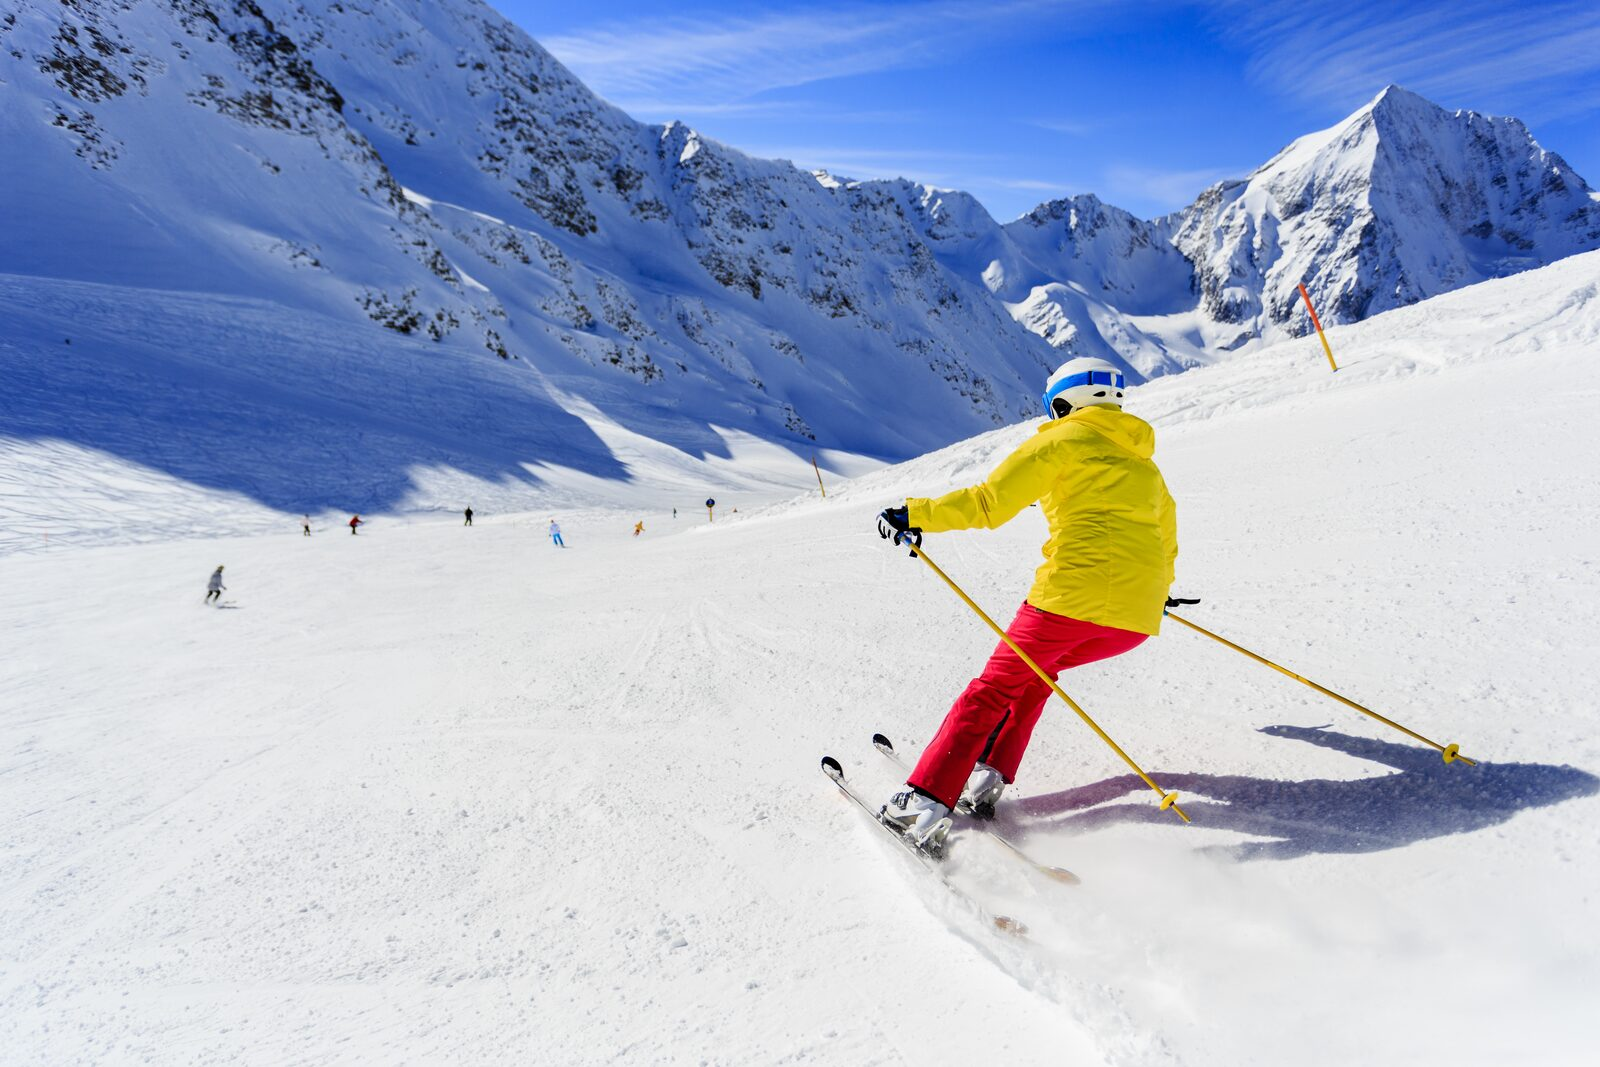 Ski resort Les Portes du Soleil